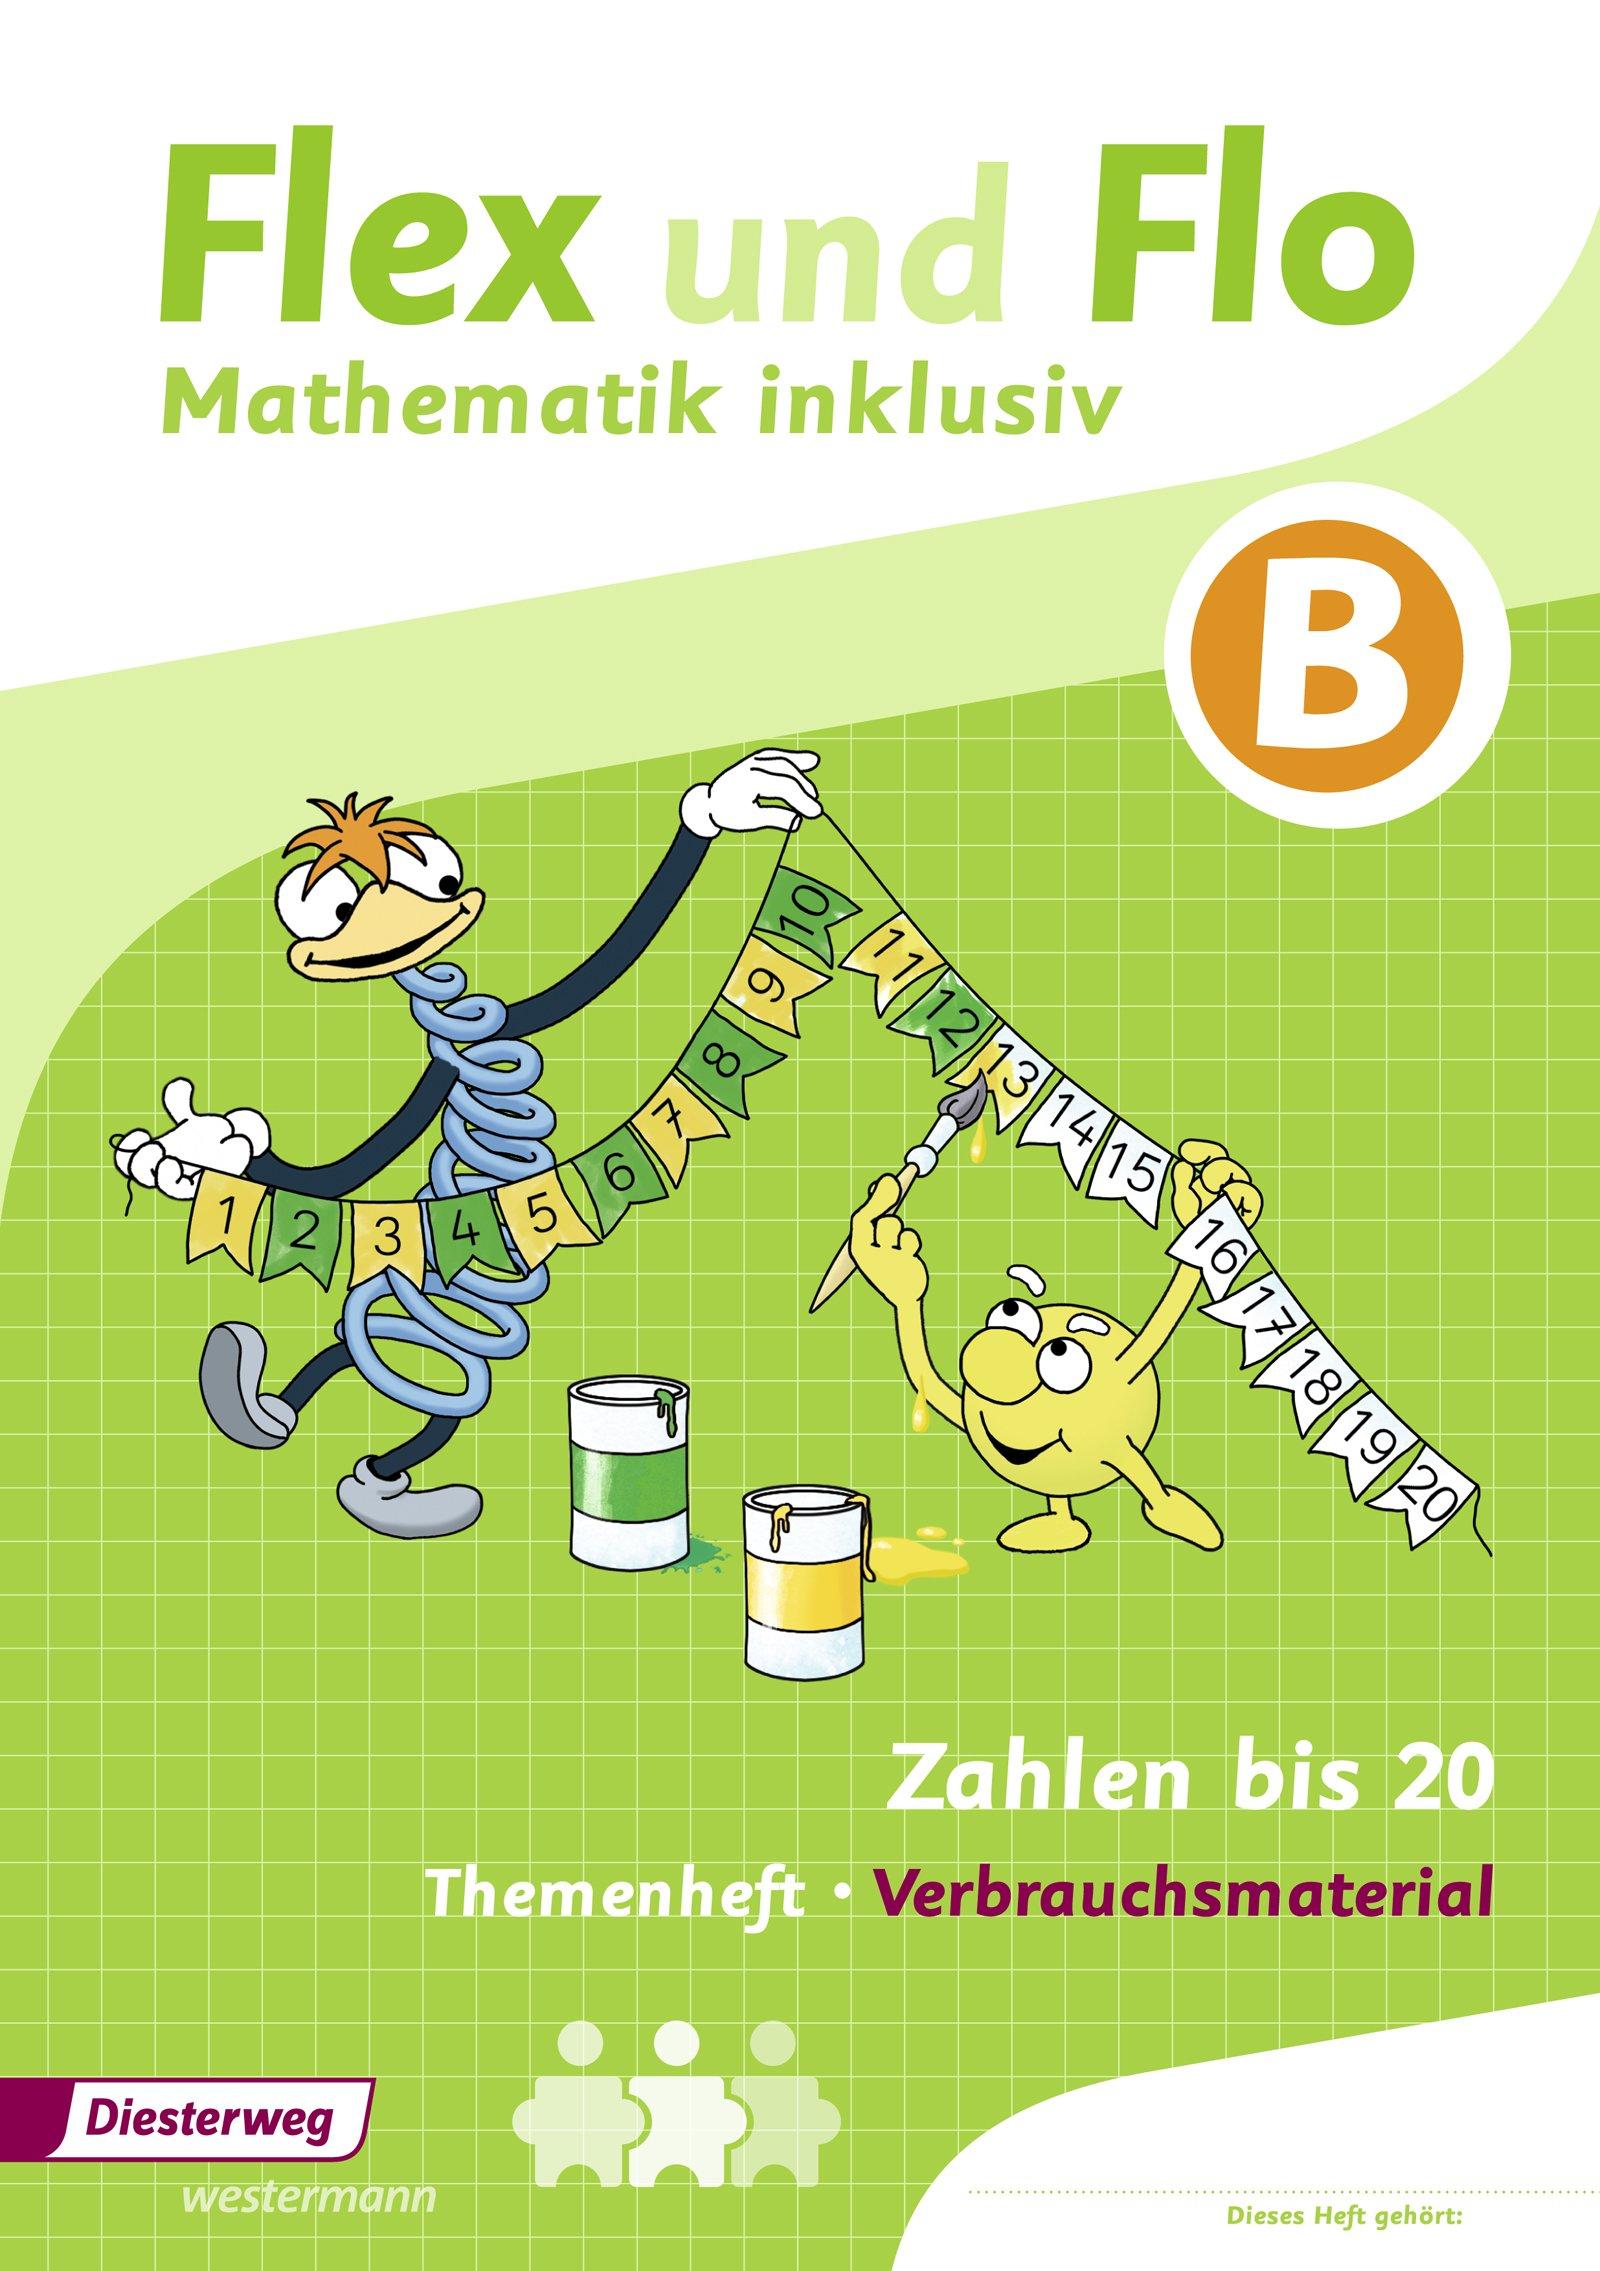 Flex Und Flo Mathematik Inklusiv Zahlen Bis 20 Inklusiv B 9783425136615 Amazon Com Books